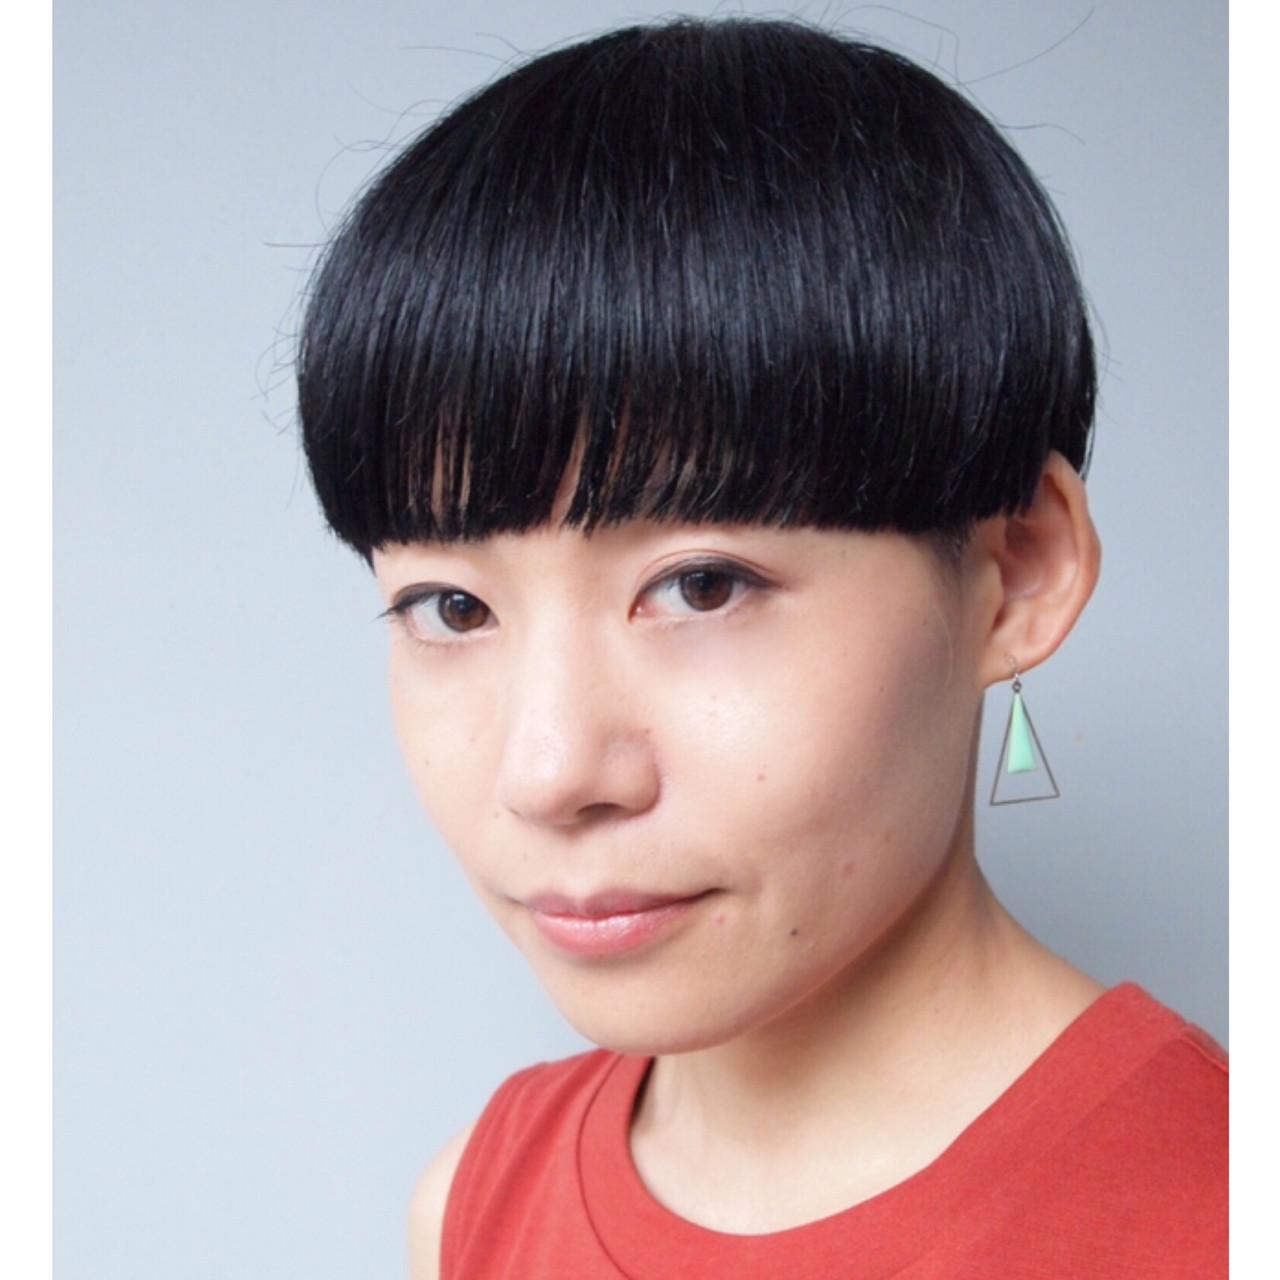 刈り上げ女子 マッシュショート オフィス モード ヘアスタイルや髪型の写真・画像 | 畑山拓也 / Baco.